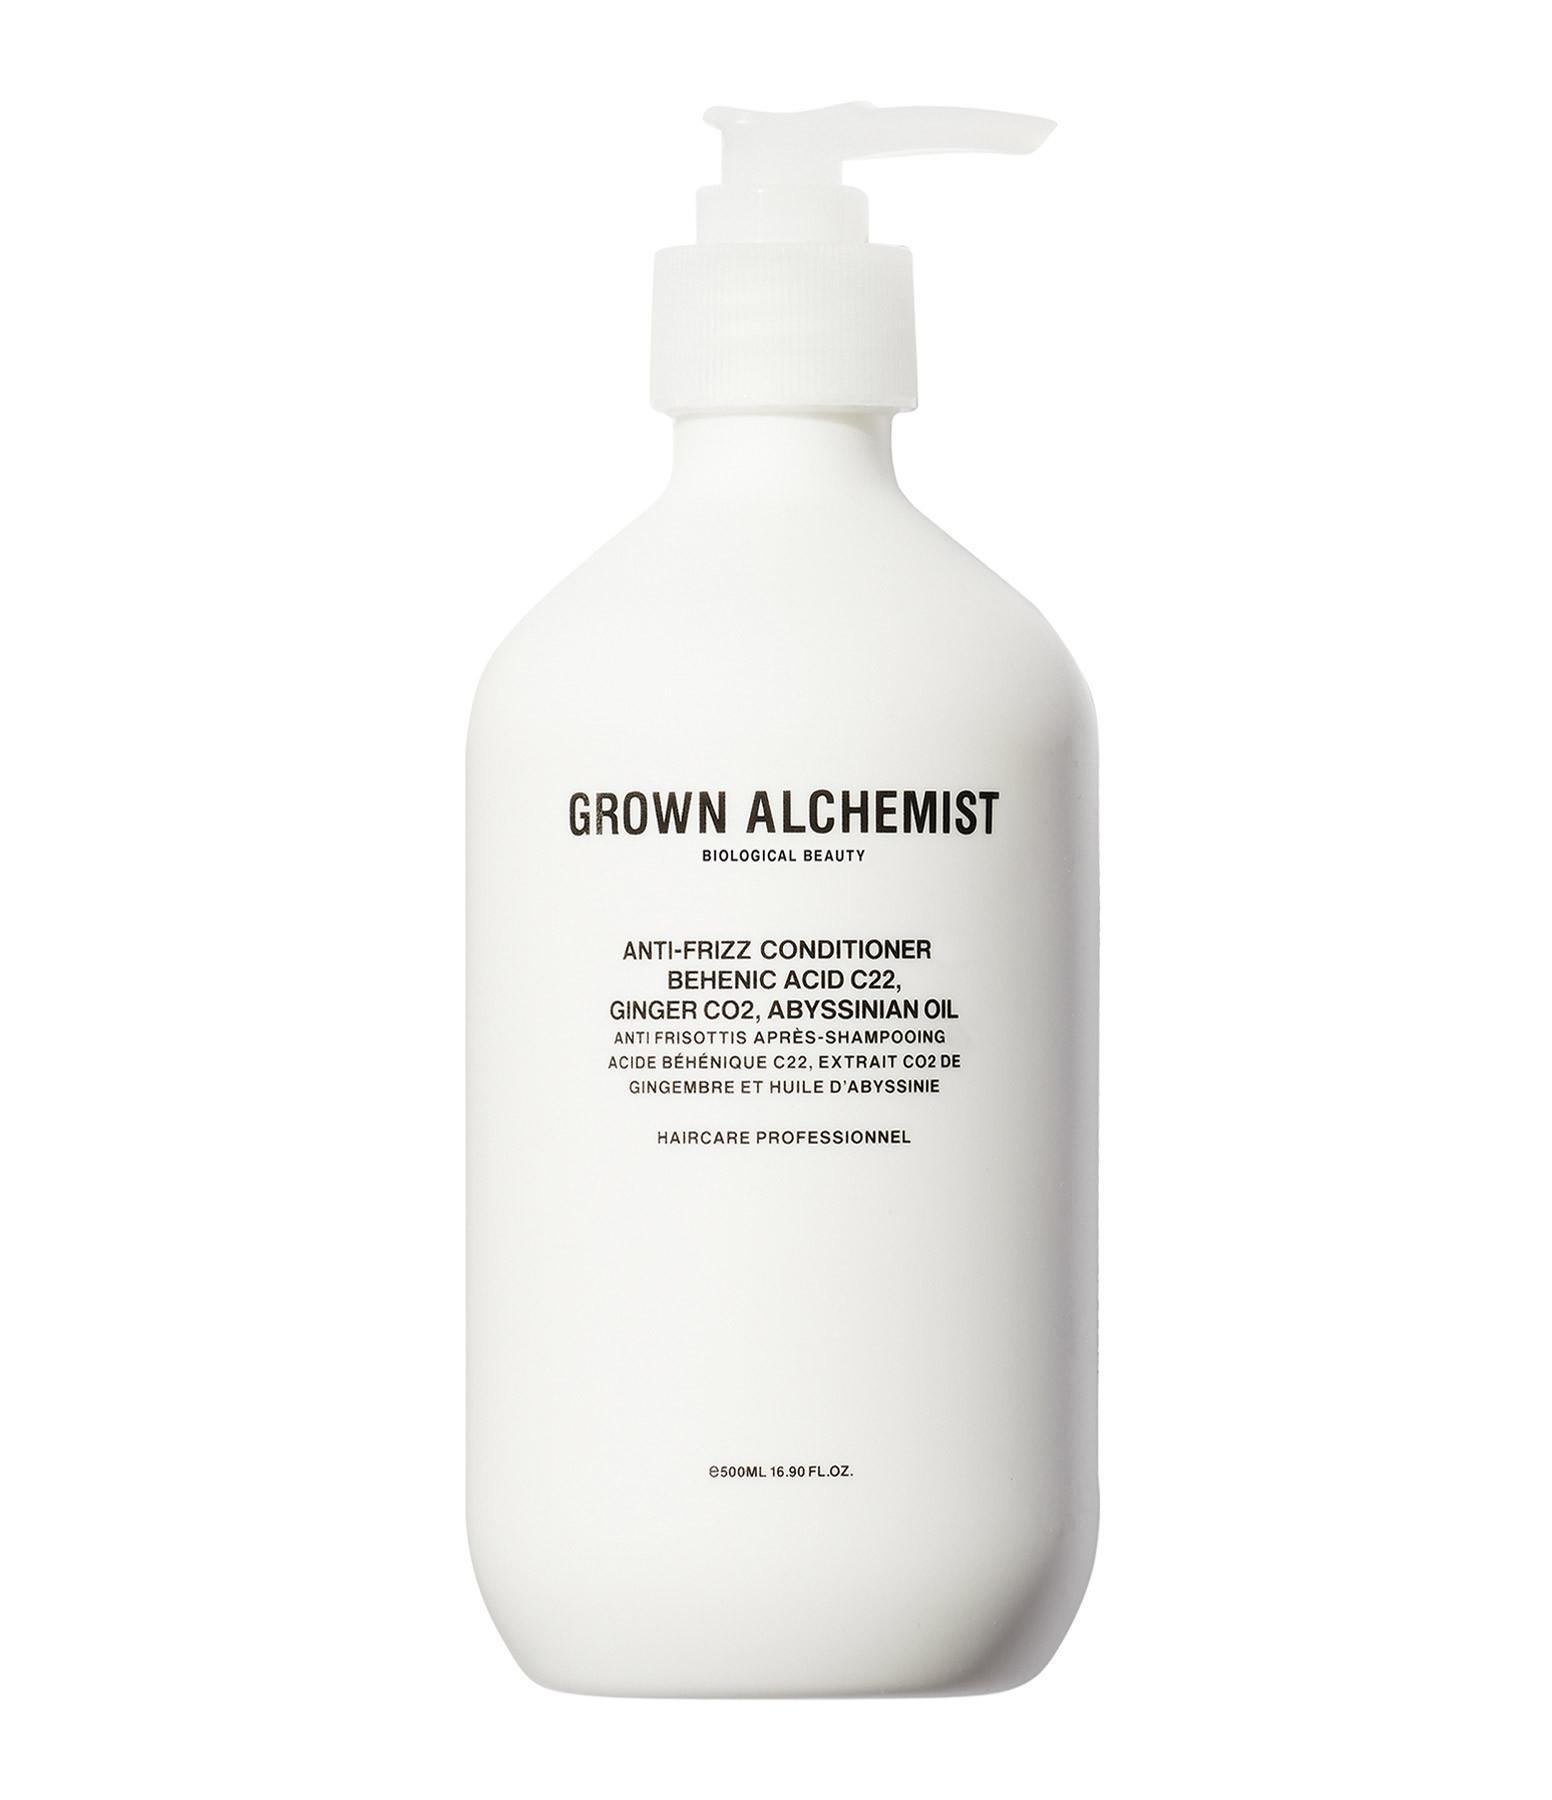 GROWN ALCHEMIST - Après-Shampoing Anti-Frizz